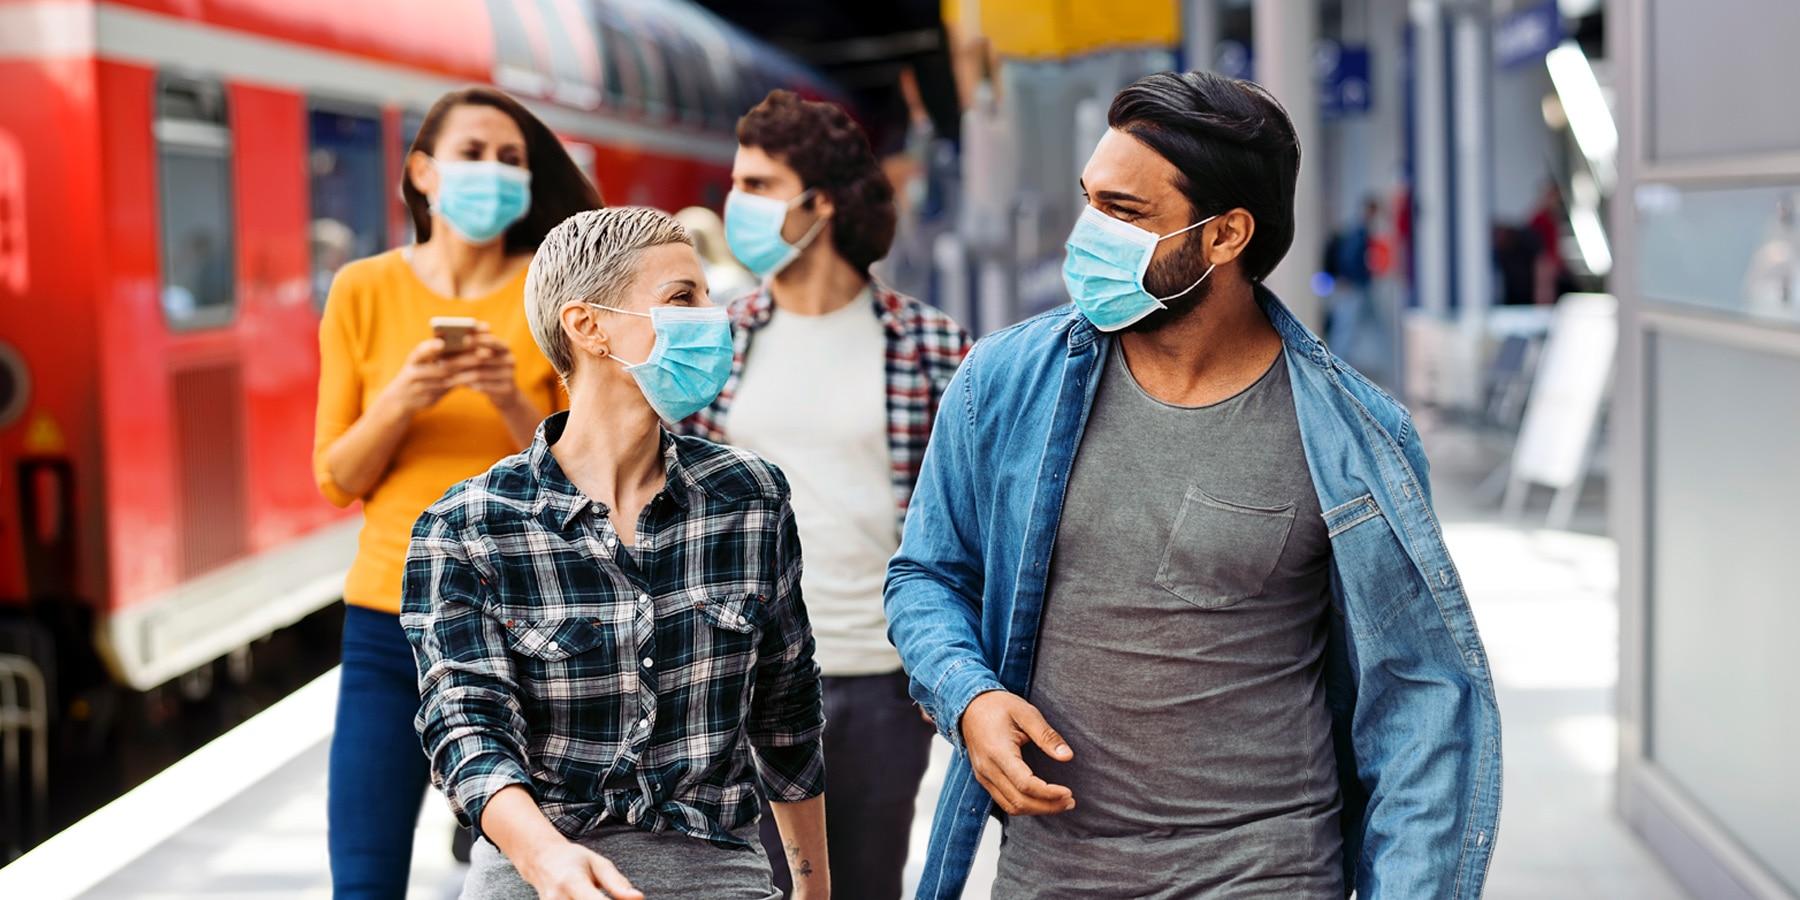 Leute mit medizinischen Masken am Bahnsteig